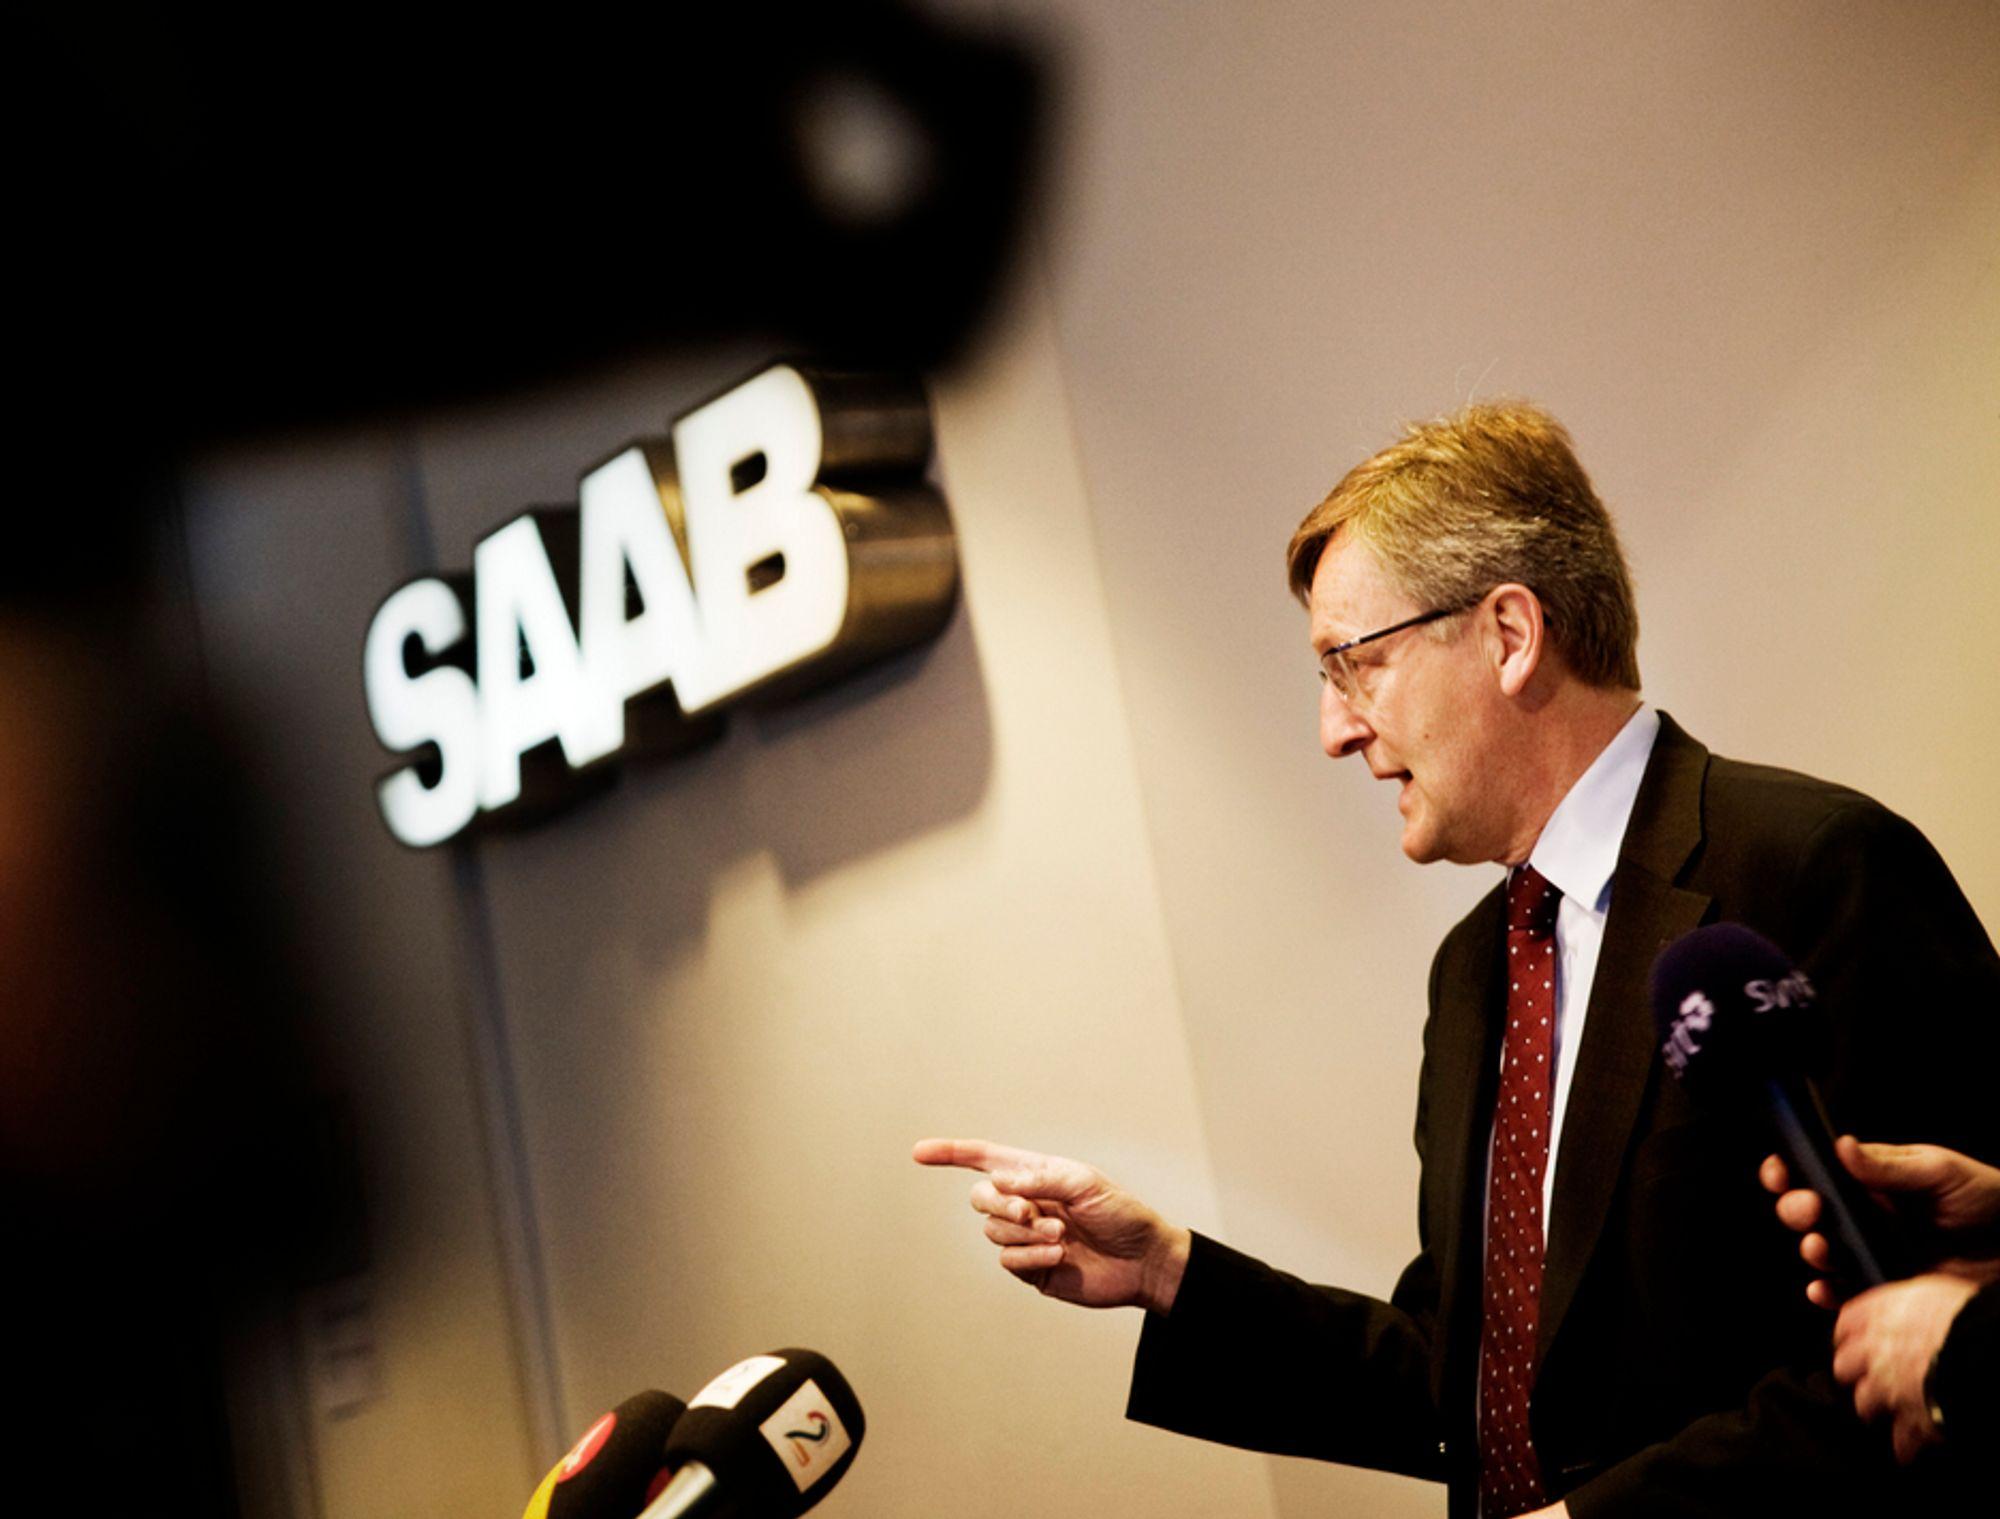 Saab-sjef Jan Åke Jonsson orienterte onsdag om situasjonen for bilfabrikken. Senere på dagen meldte SVT at Saab-styret vil gå inn for konkursbeskyttelse.